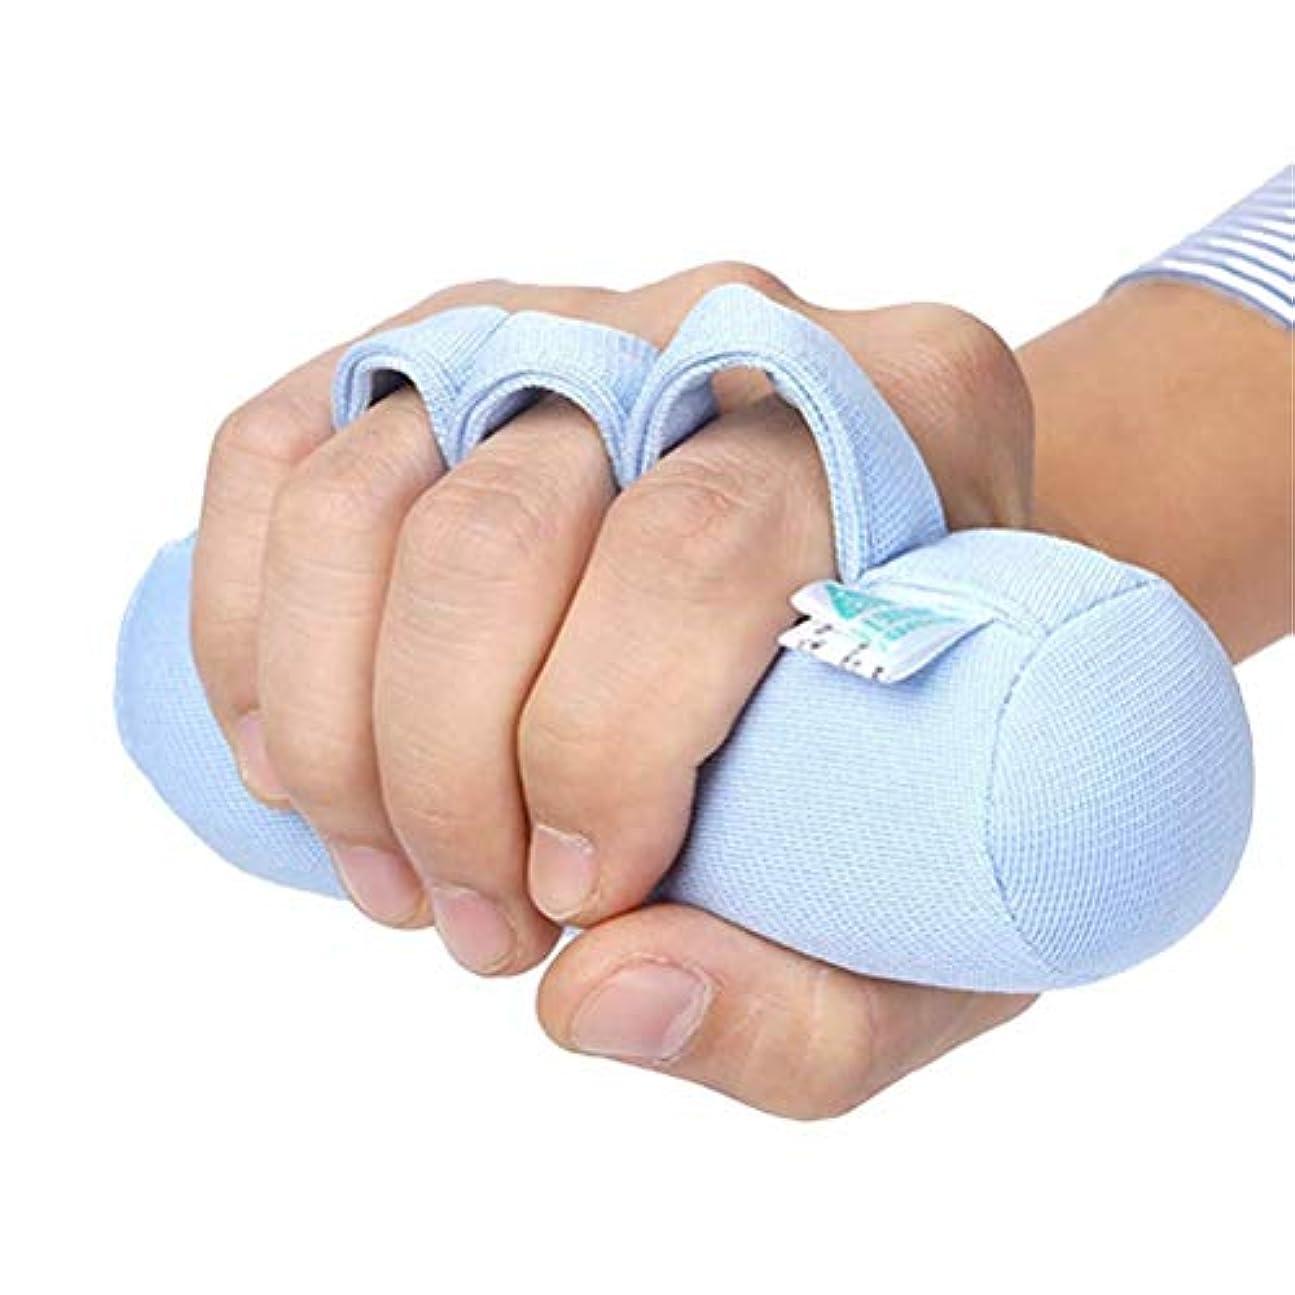 プレビスサイトブースクール左右の手に適した指セパレーター手拘縮装具、高齢者のスポーツ指のリハビリ、ベッドに乗った患者抗褥瘡ケアパッド、